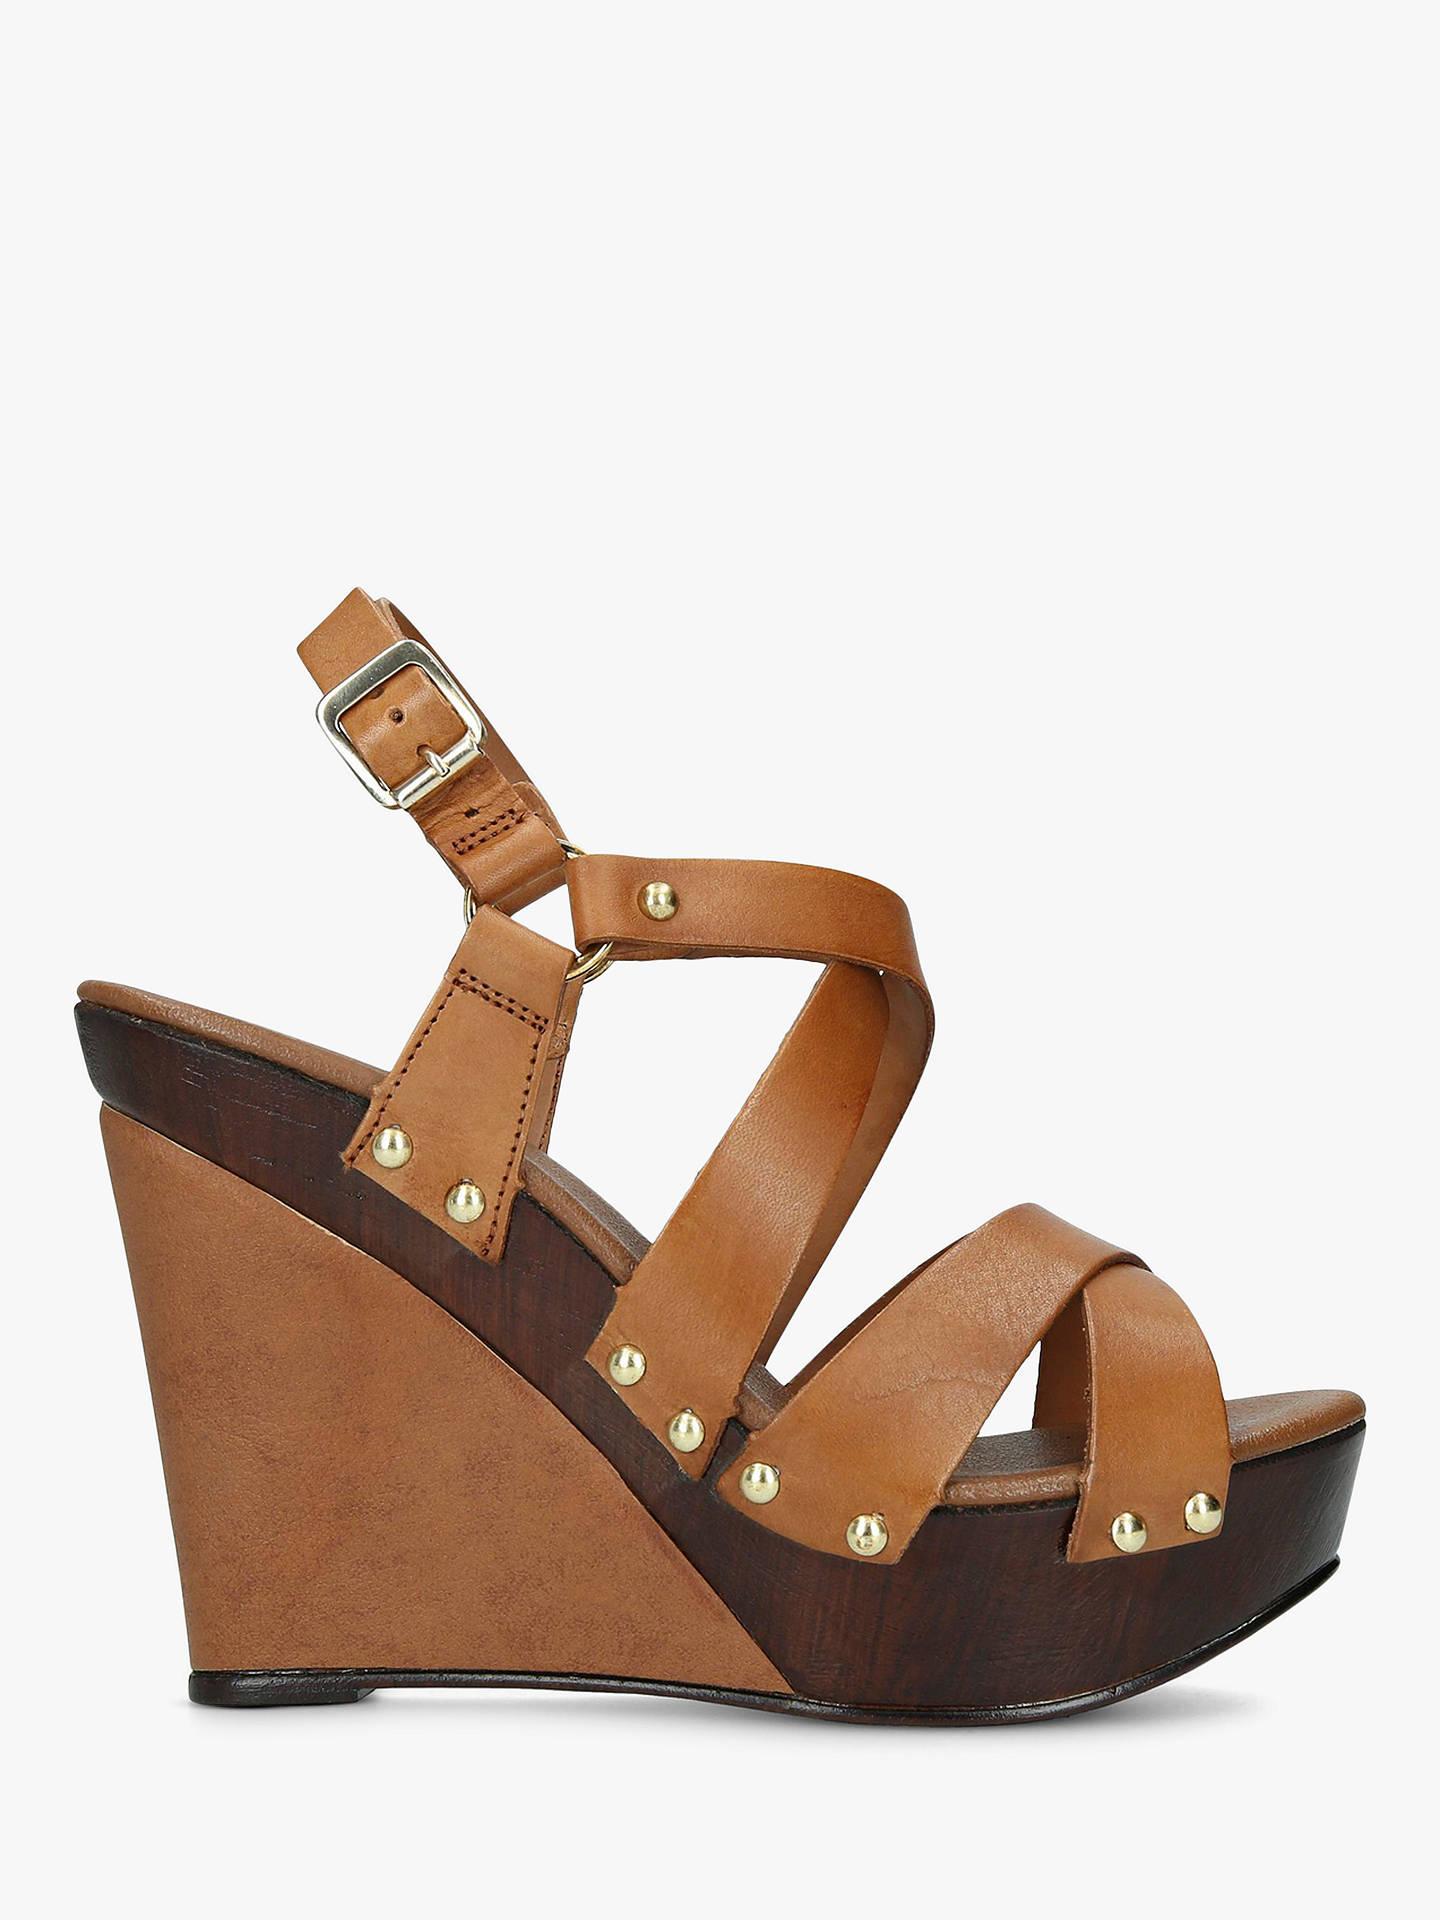 8e2d94d1b6 Buy Carvela Kassandra High Platform Sandals, Tan Leather, 3 Online at  johnlewis.com ...